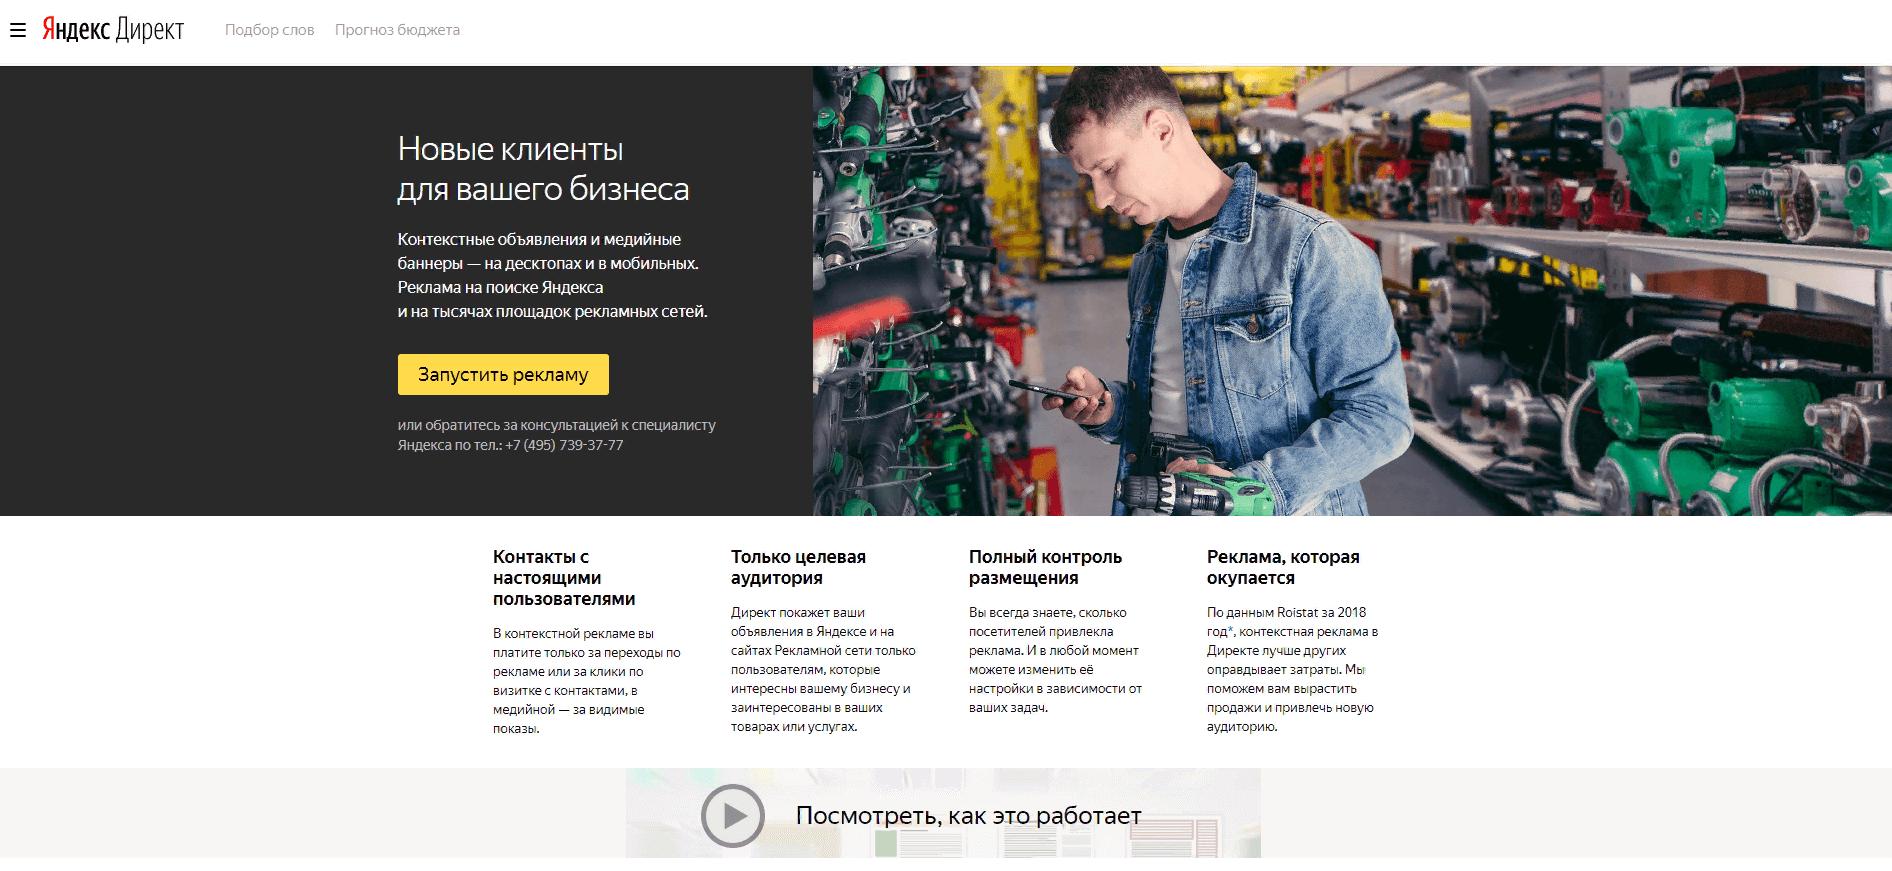 Яндекс Директ для автосервиса, целевая аудитория автосервиса, реклама автосервиса в интернете